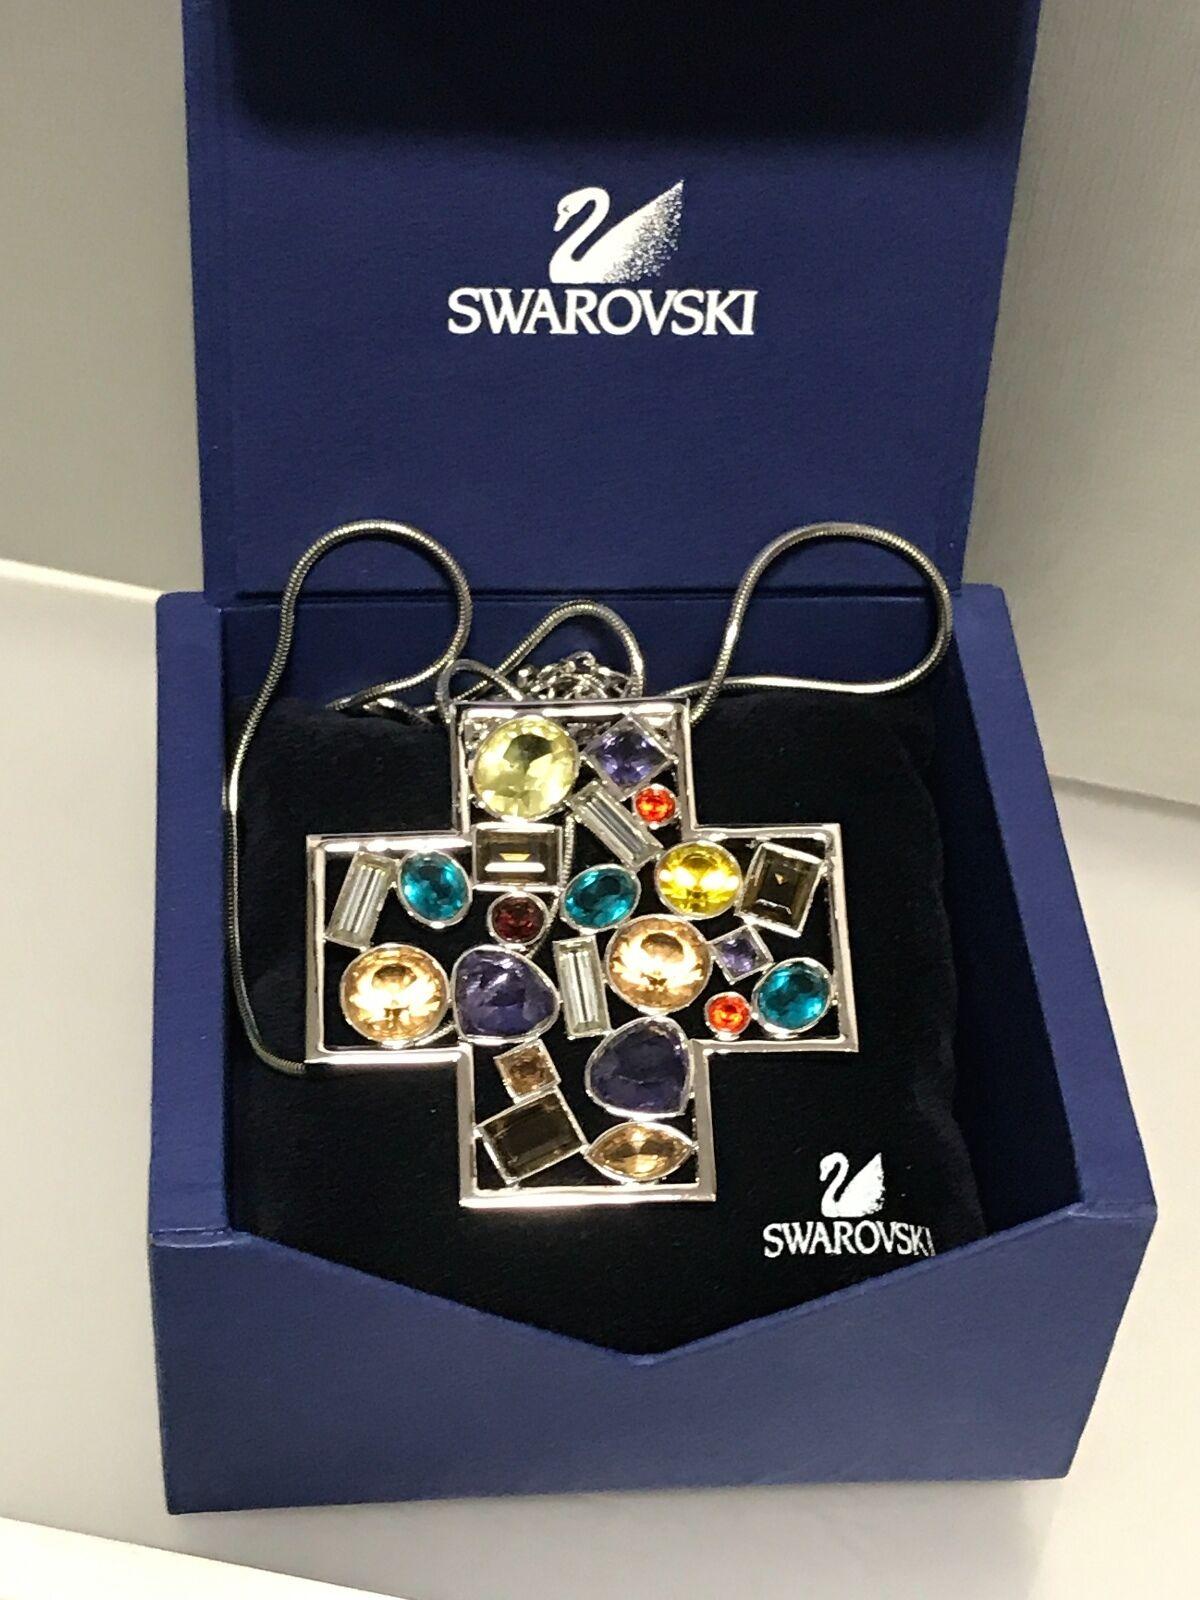 Swarovski Halskette Kette 89 cm. mit Ovp. Unbenutzt. Top Zustand